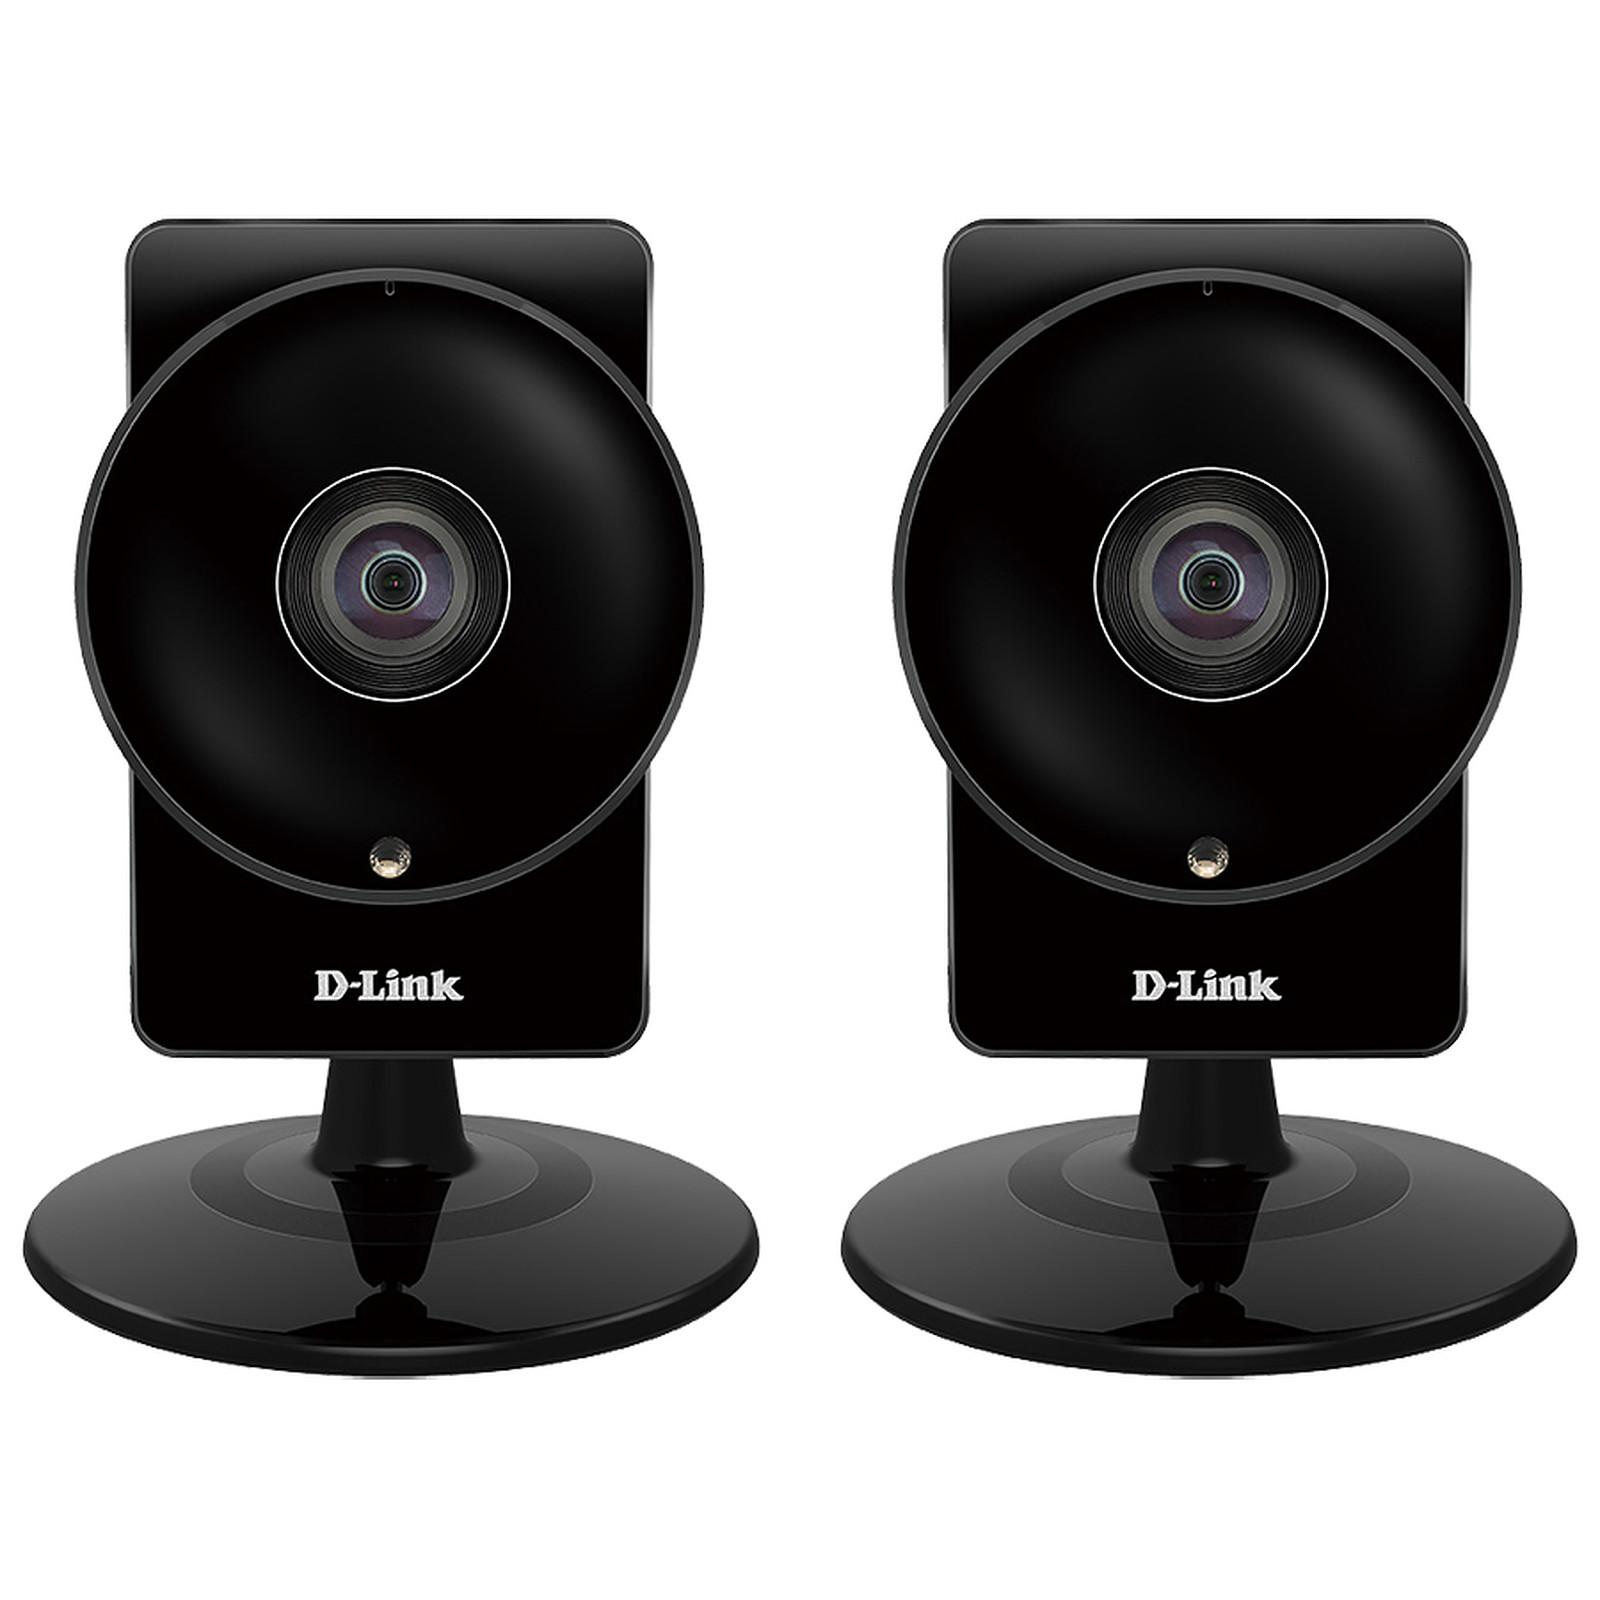 D-Link DCS-960L x 2